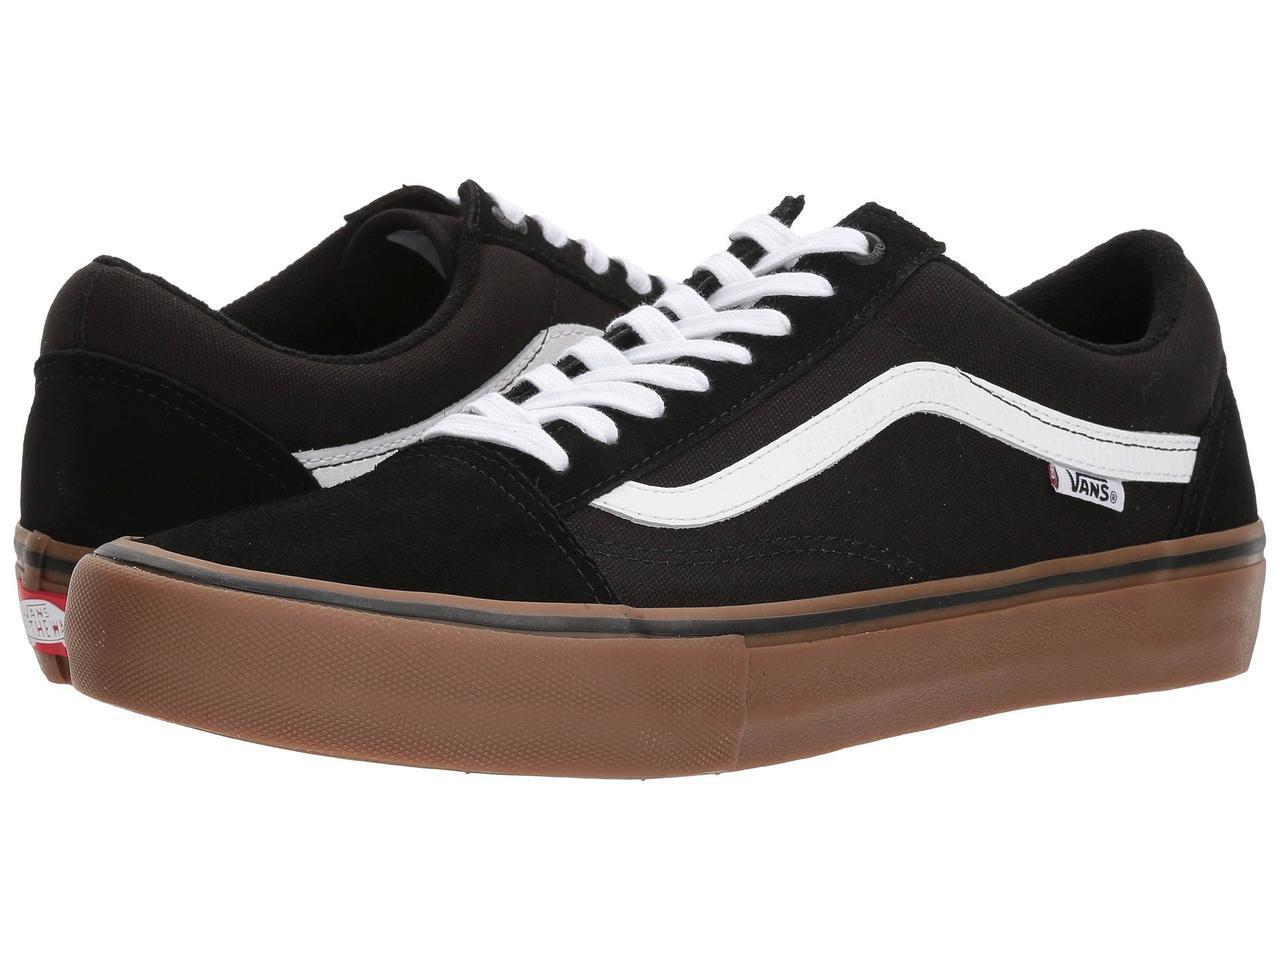 Кроссовки/Кеды (Оригинал) Vans Old Skool Pro Black/White/Medium Gum